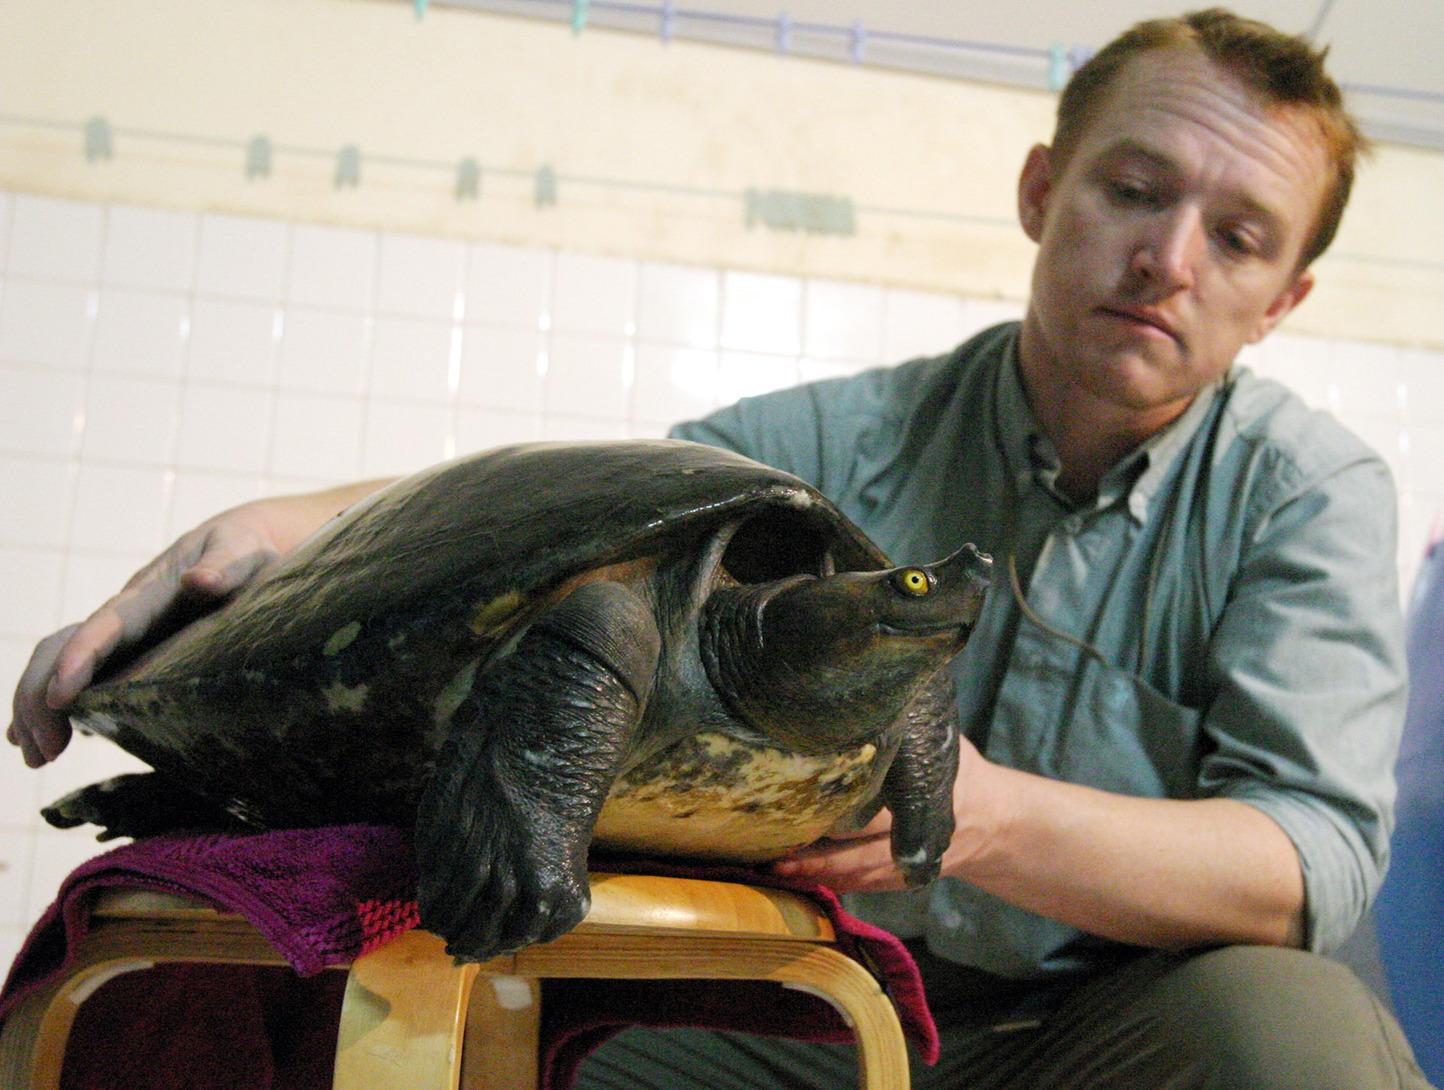 Martin Gilbert, a Wildlife Conservation Society állatorvosa az igen ritka, kambodzsai királyi teknőssel Phnom Penhben, 2005 júliusában. Az egyedet a lábába implantált mikrochip révén sikerült kimenteni egy kínai levesesfazékból. (Fotó: Reuters/ Sokunthea)